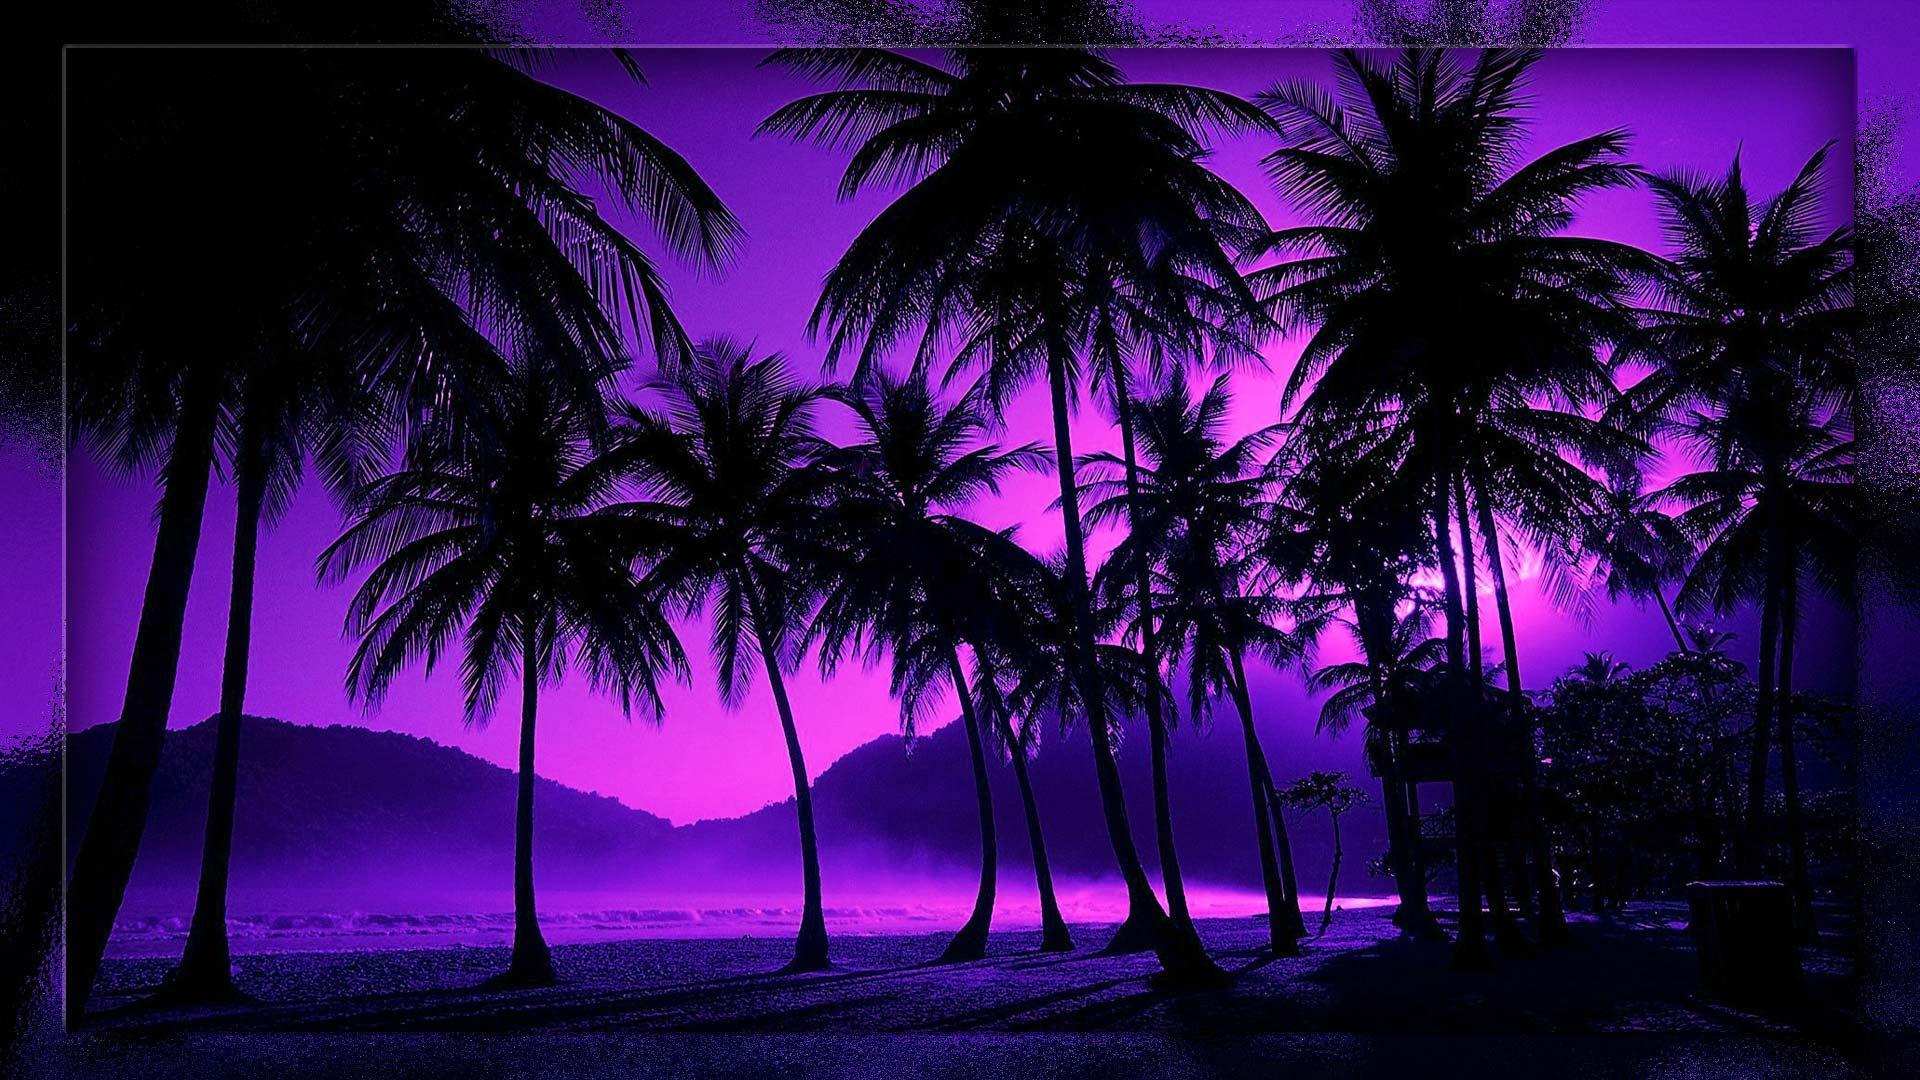 TROPICAL BEACH NIGHT WALLPAPER | Beach night, Beach at ...